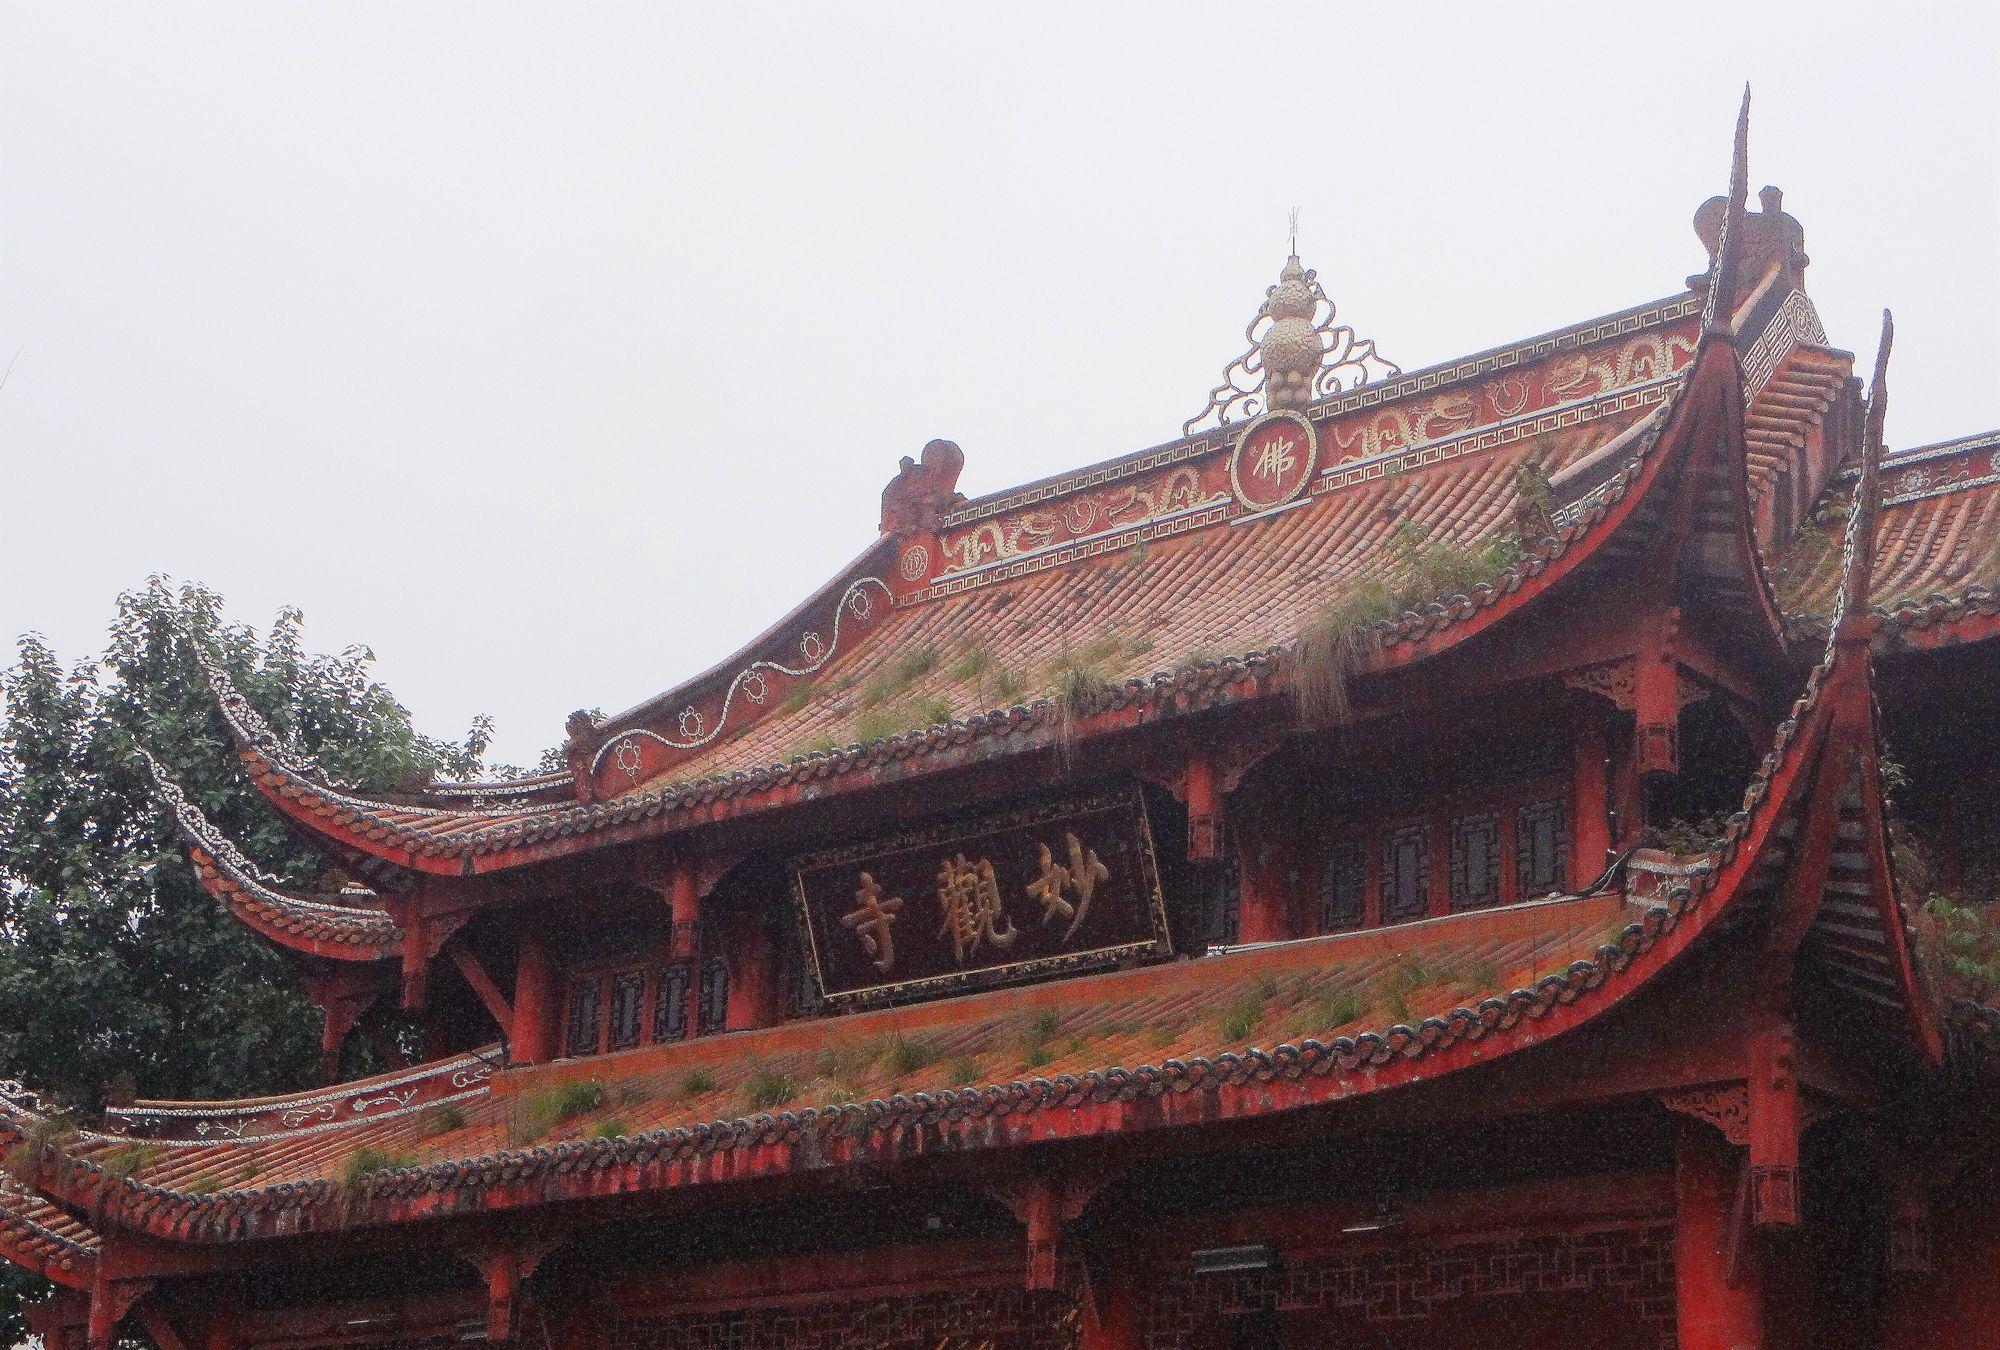 甘祚成自贡之旅:走进城中闹市区的清净圣地-妙观寺最新拍摄